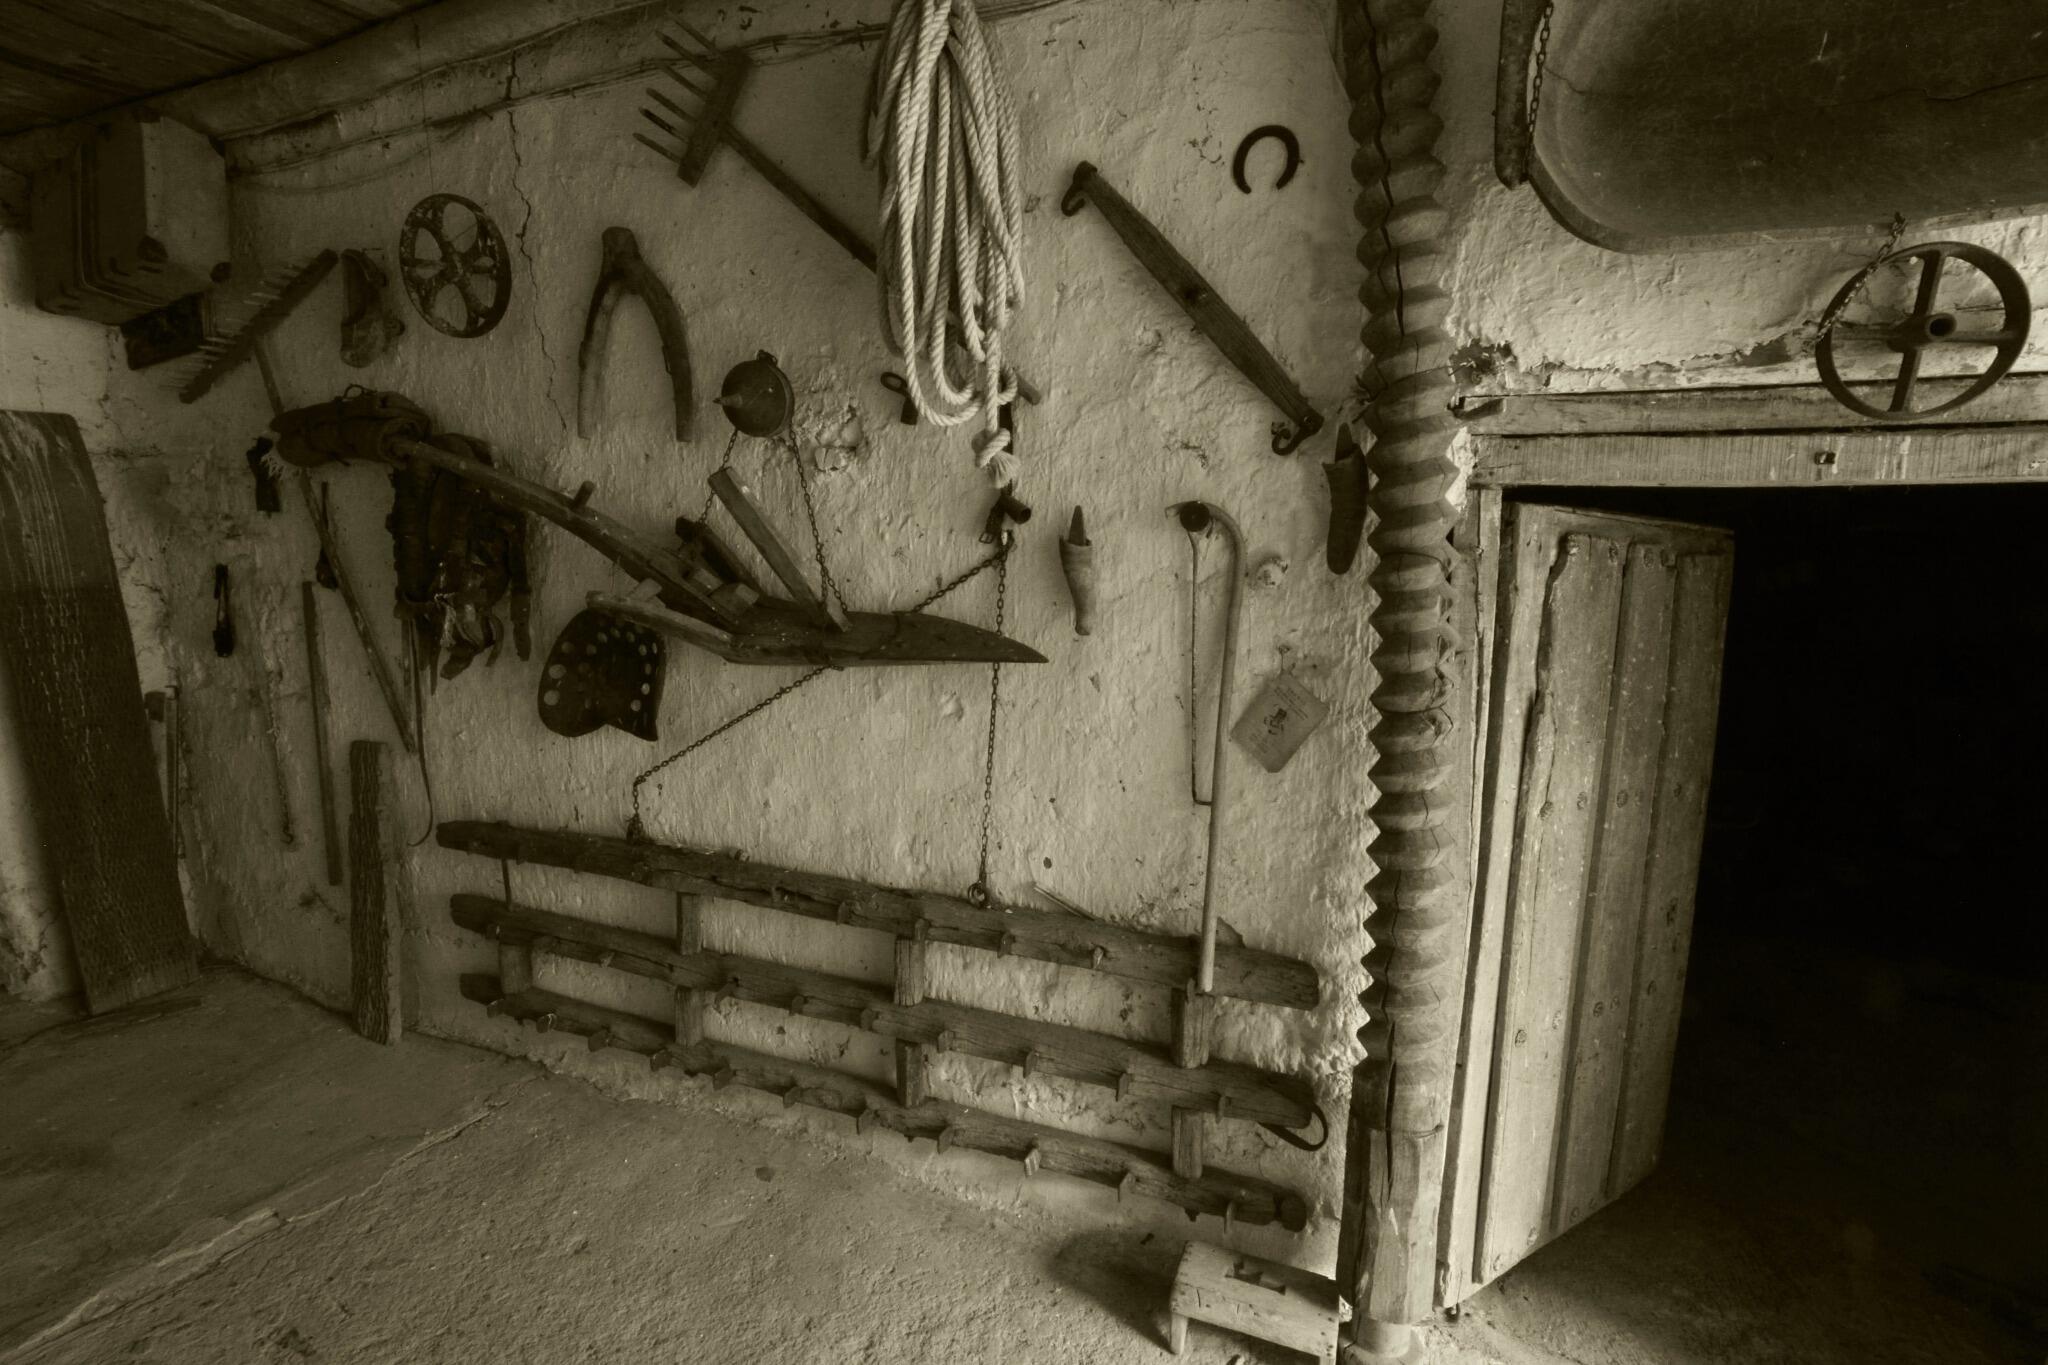 Así de guapo tiene mi padre el portalón del pueblo. su propio museo etnográfico #matadeon #leonesp http://t.co/fA09uFfaLx